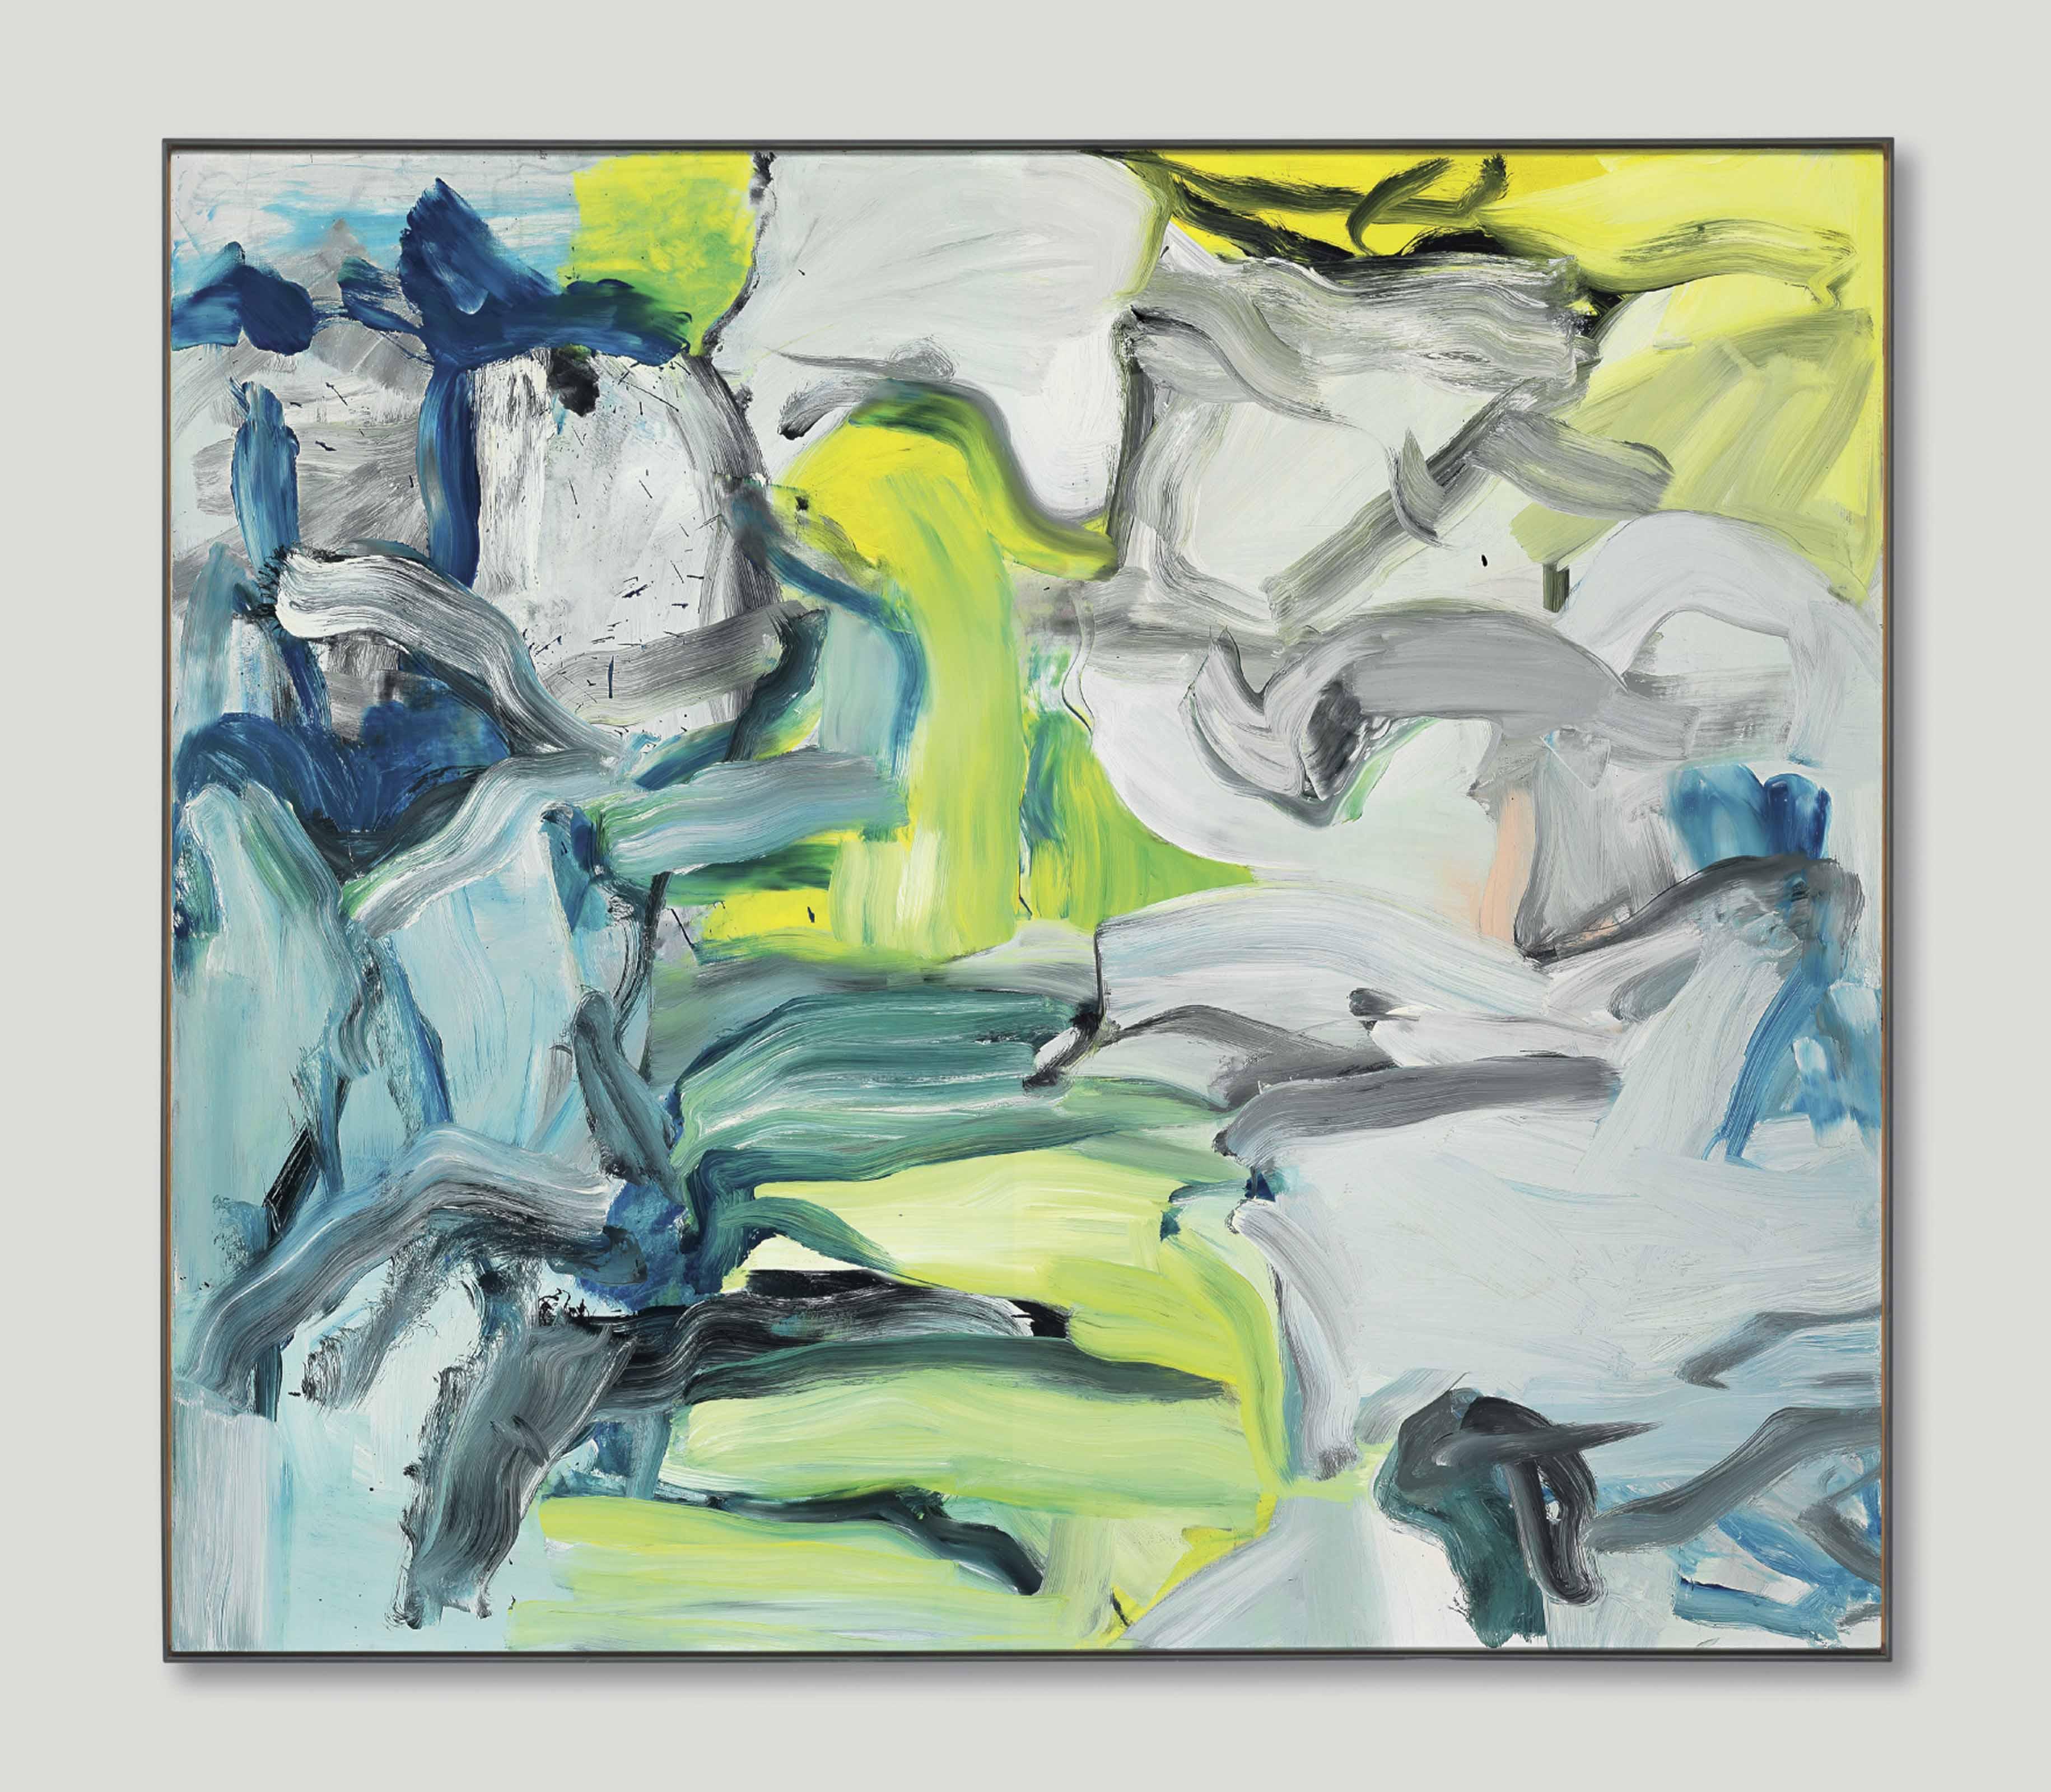 Audio: Willem de Kooning, Untitled III